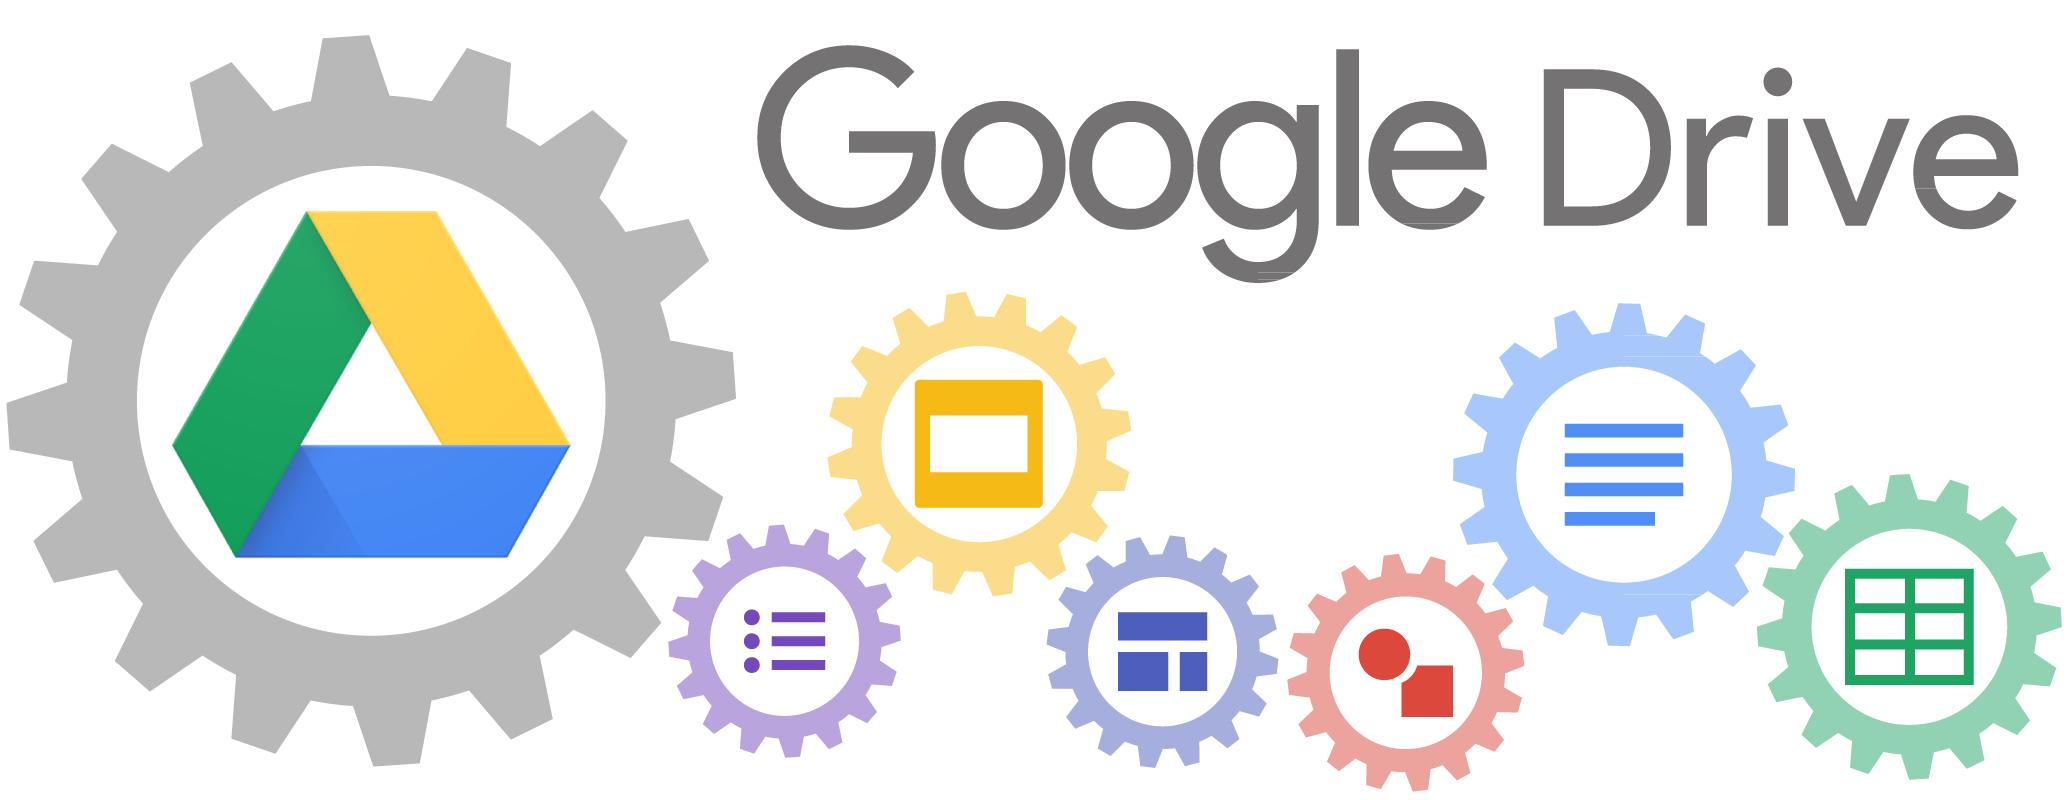 Teamwork mit Google Drive – Das Tool für eine gute Zusammenarbeit